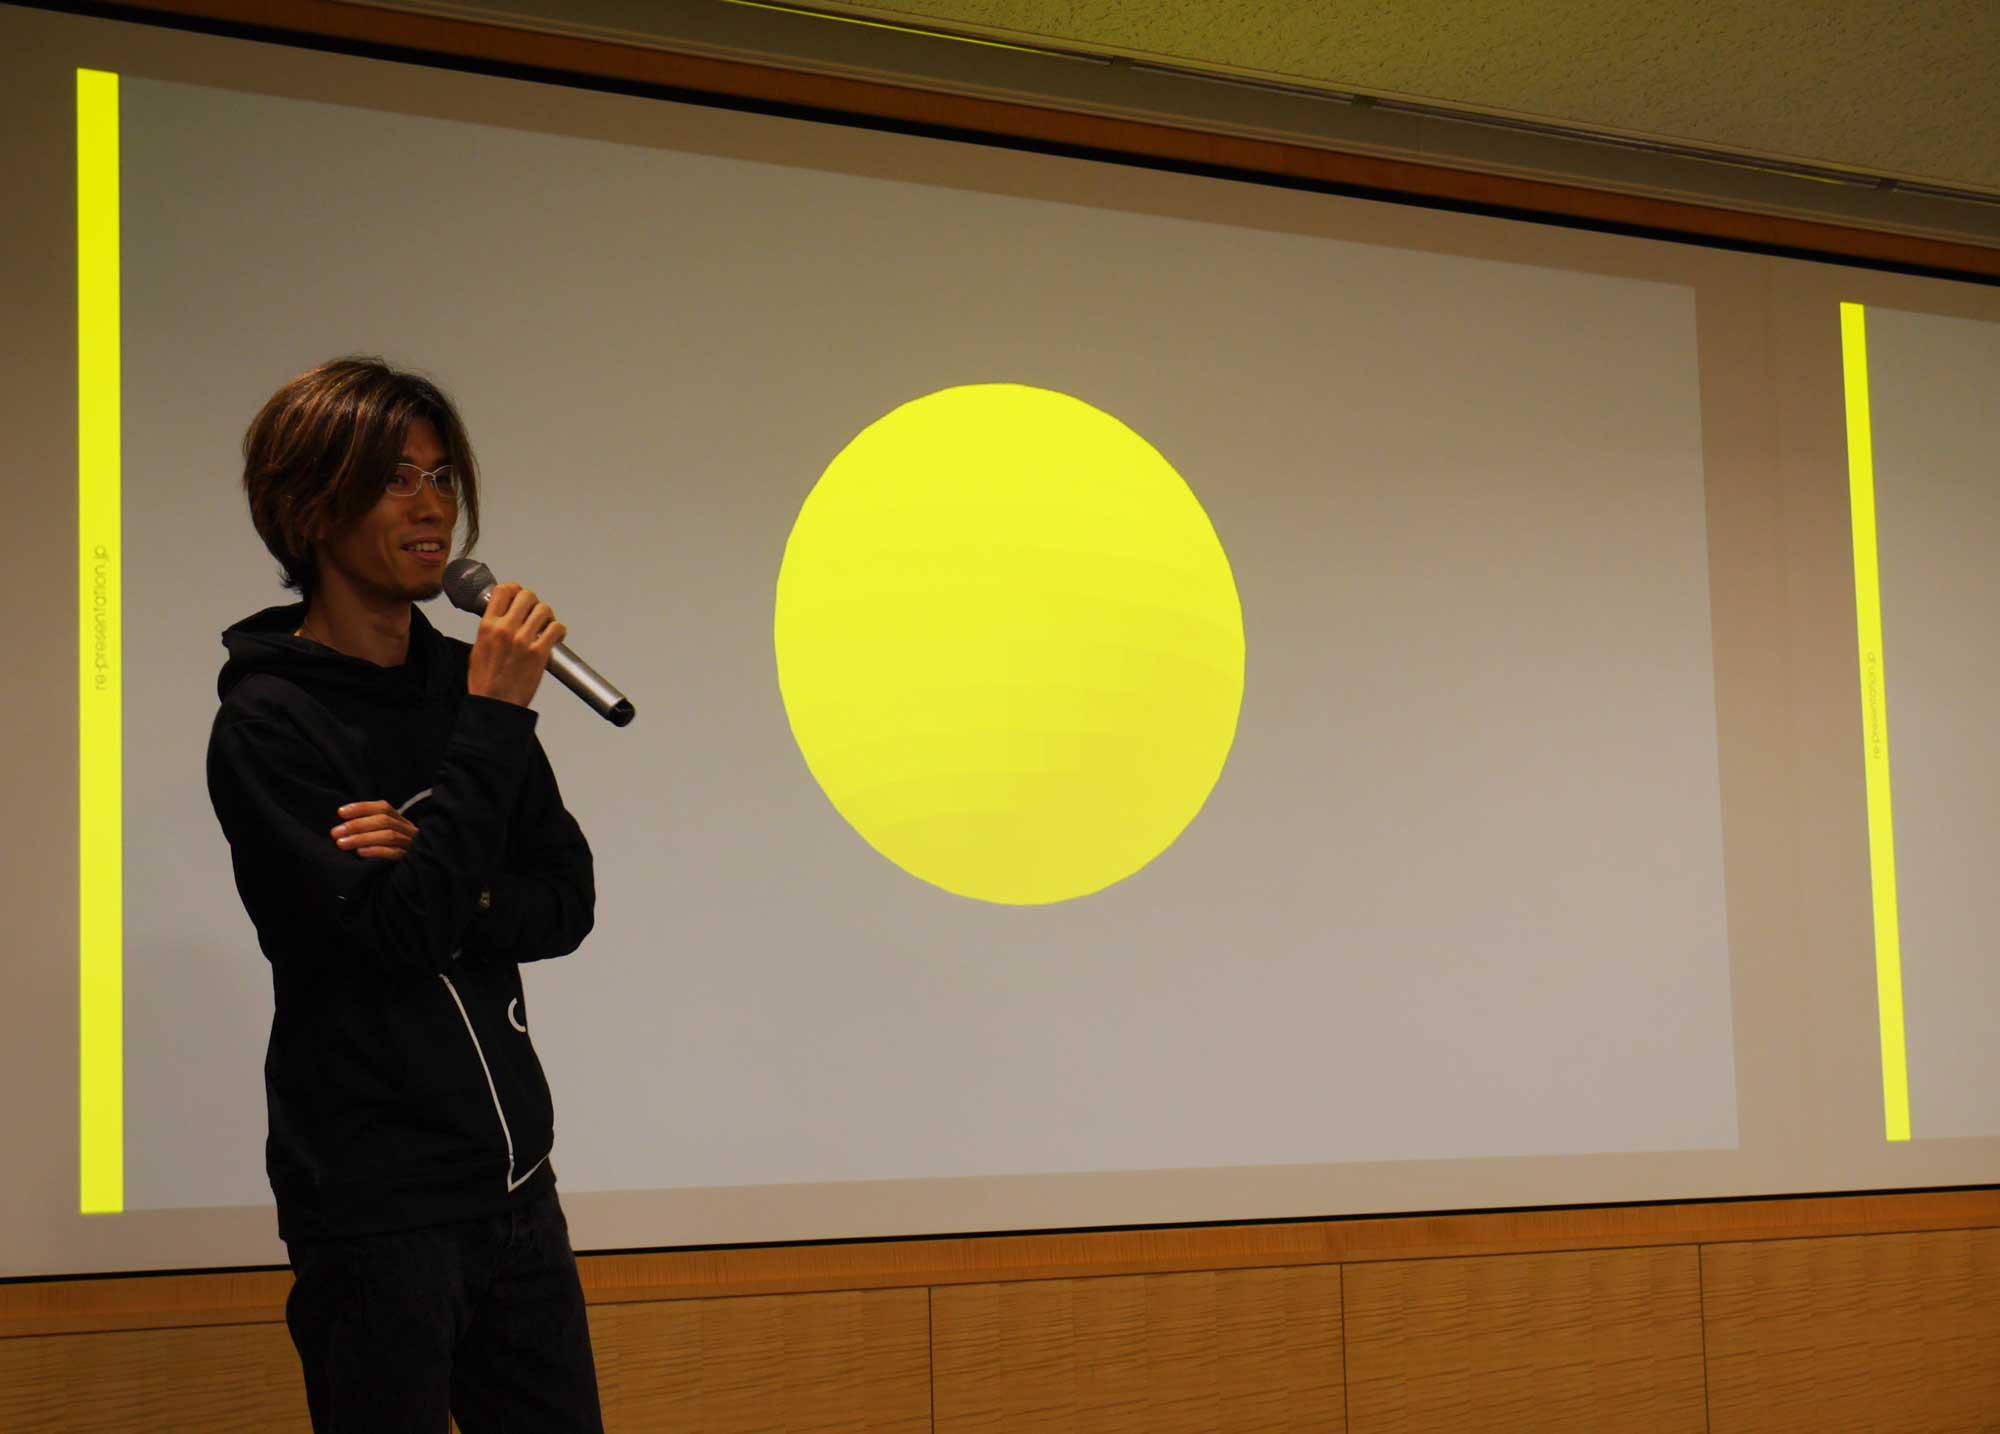 「プレゼンで三次元を考える」MOVEDプレゼンテーションデザイナー・吉藤